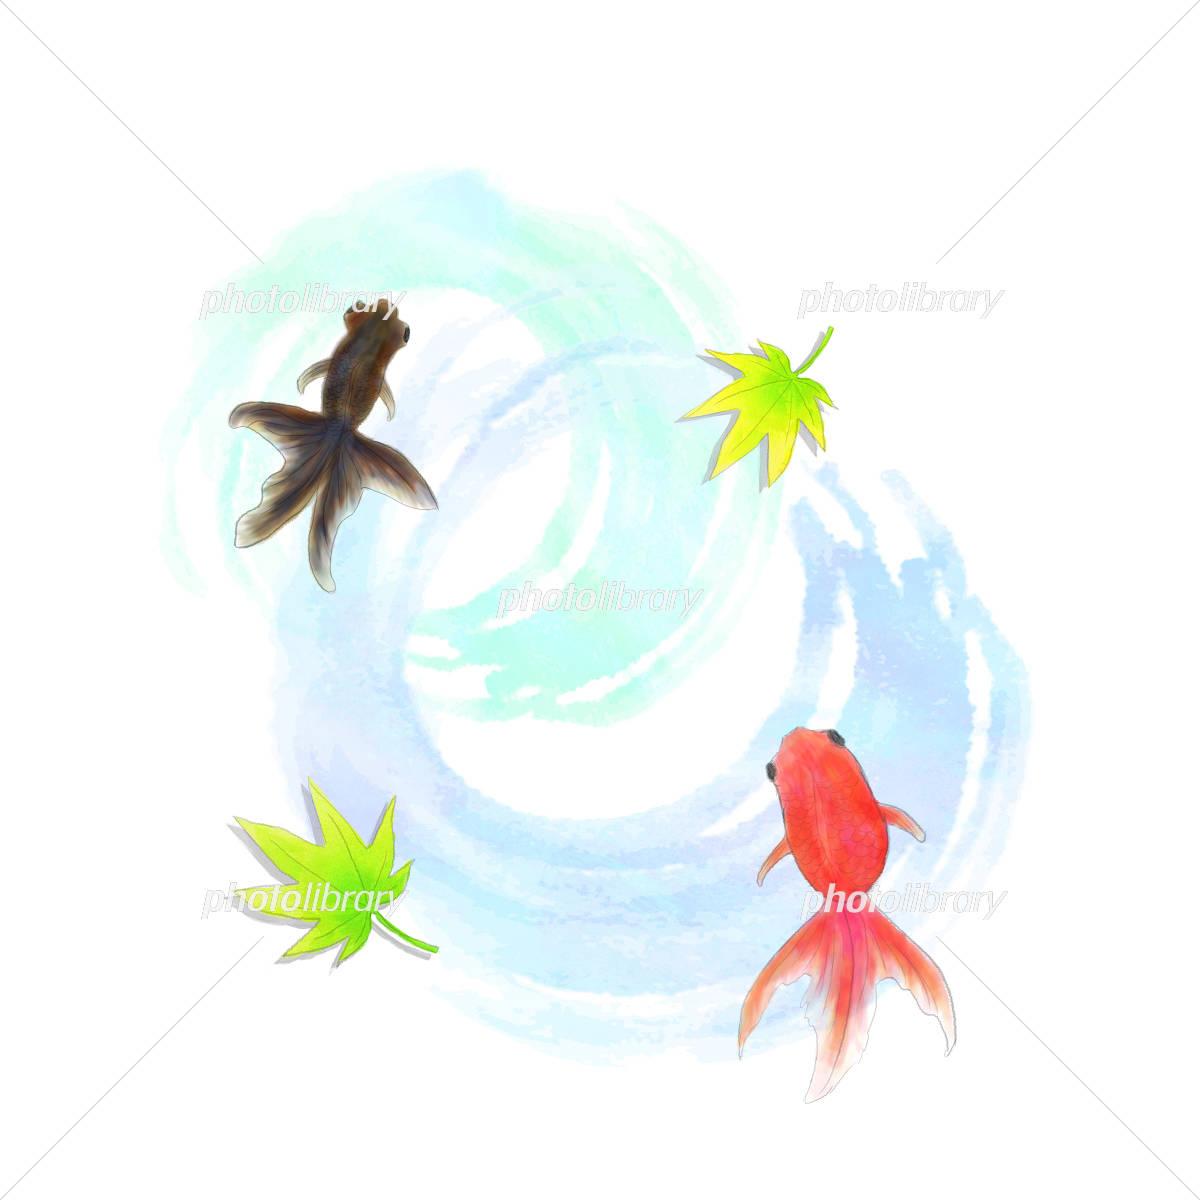 金魚 水彩風 イラスト素材 フォトライブラリー Photolibrary